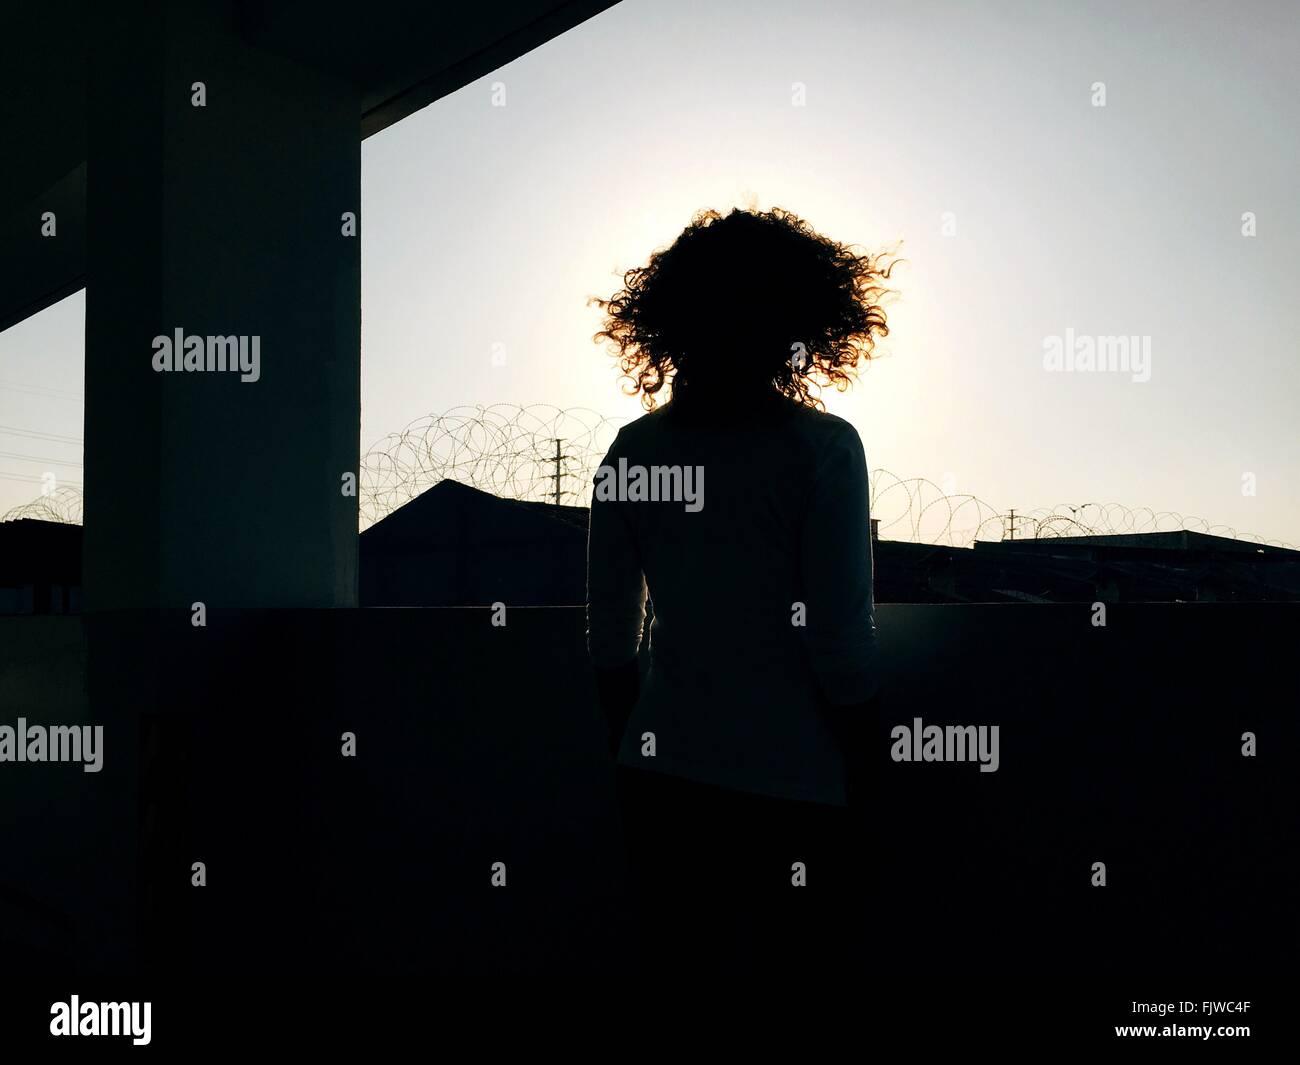 Vista trasera de una mujer con el cabello rizado por debajo el puente permanente contra el cielo Imagen De Stock